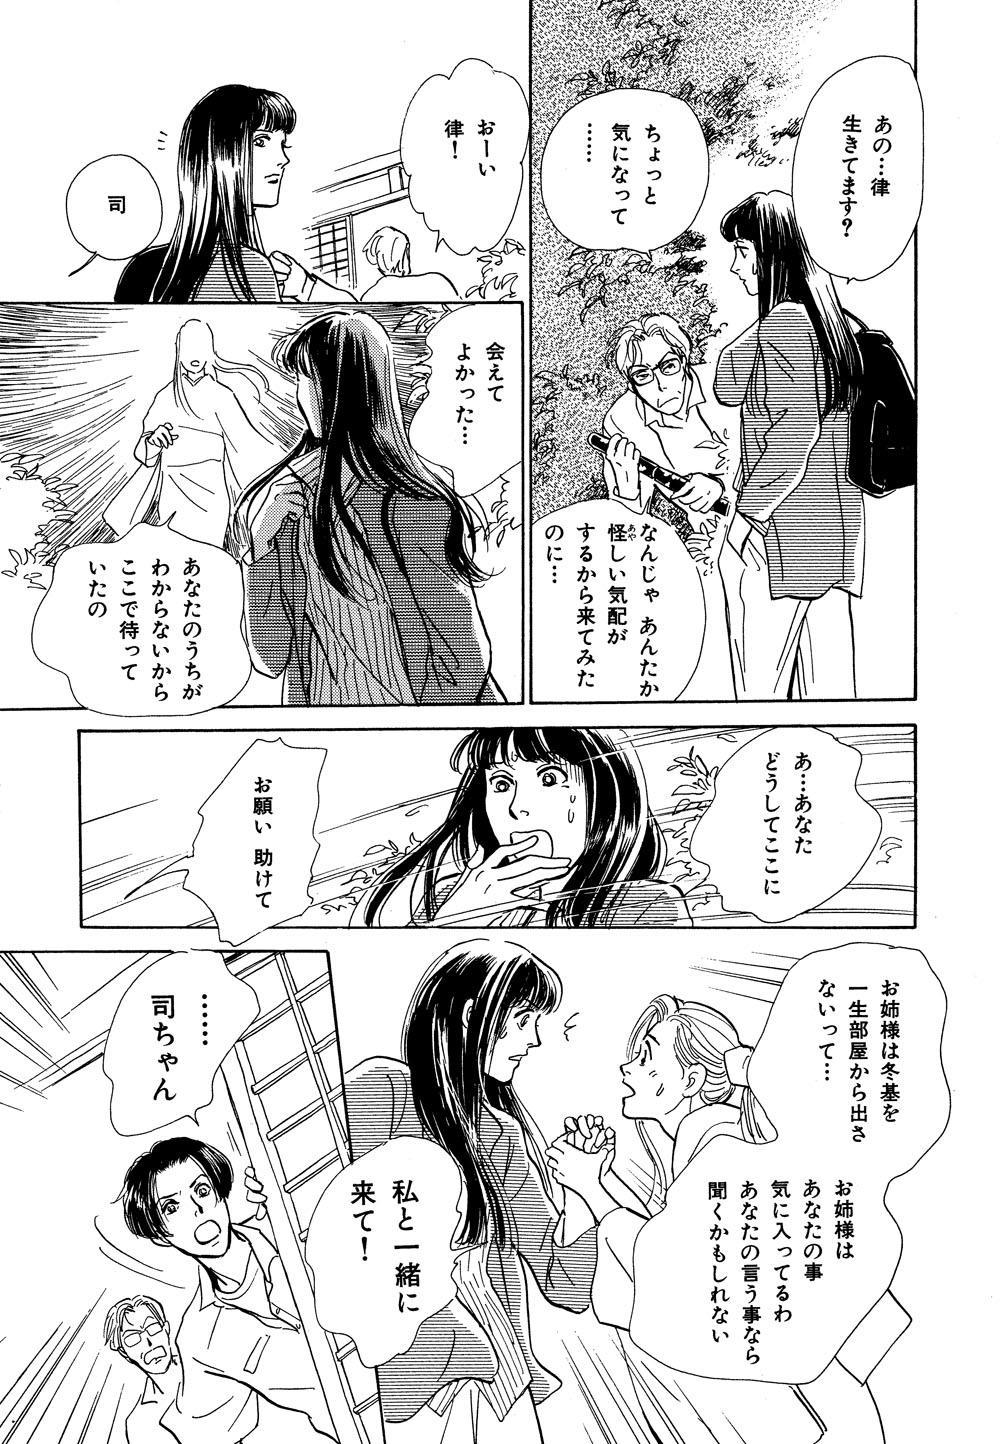 百鬼夜行抄_03_0111.jpg